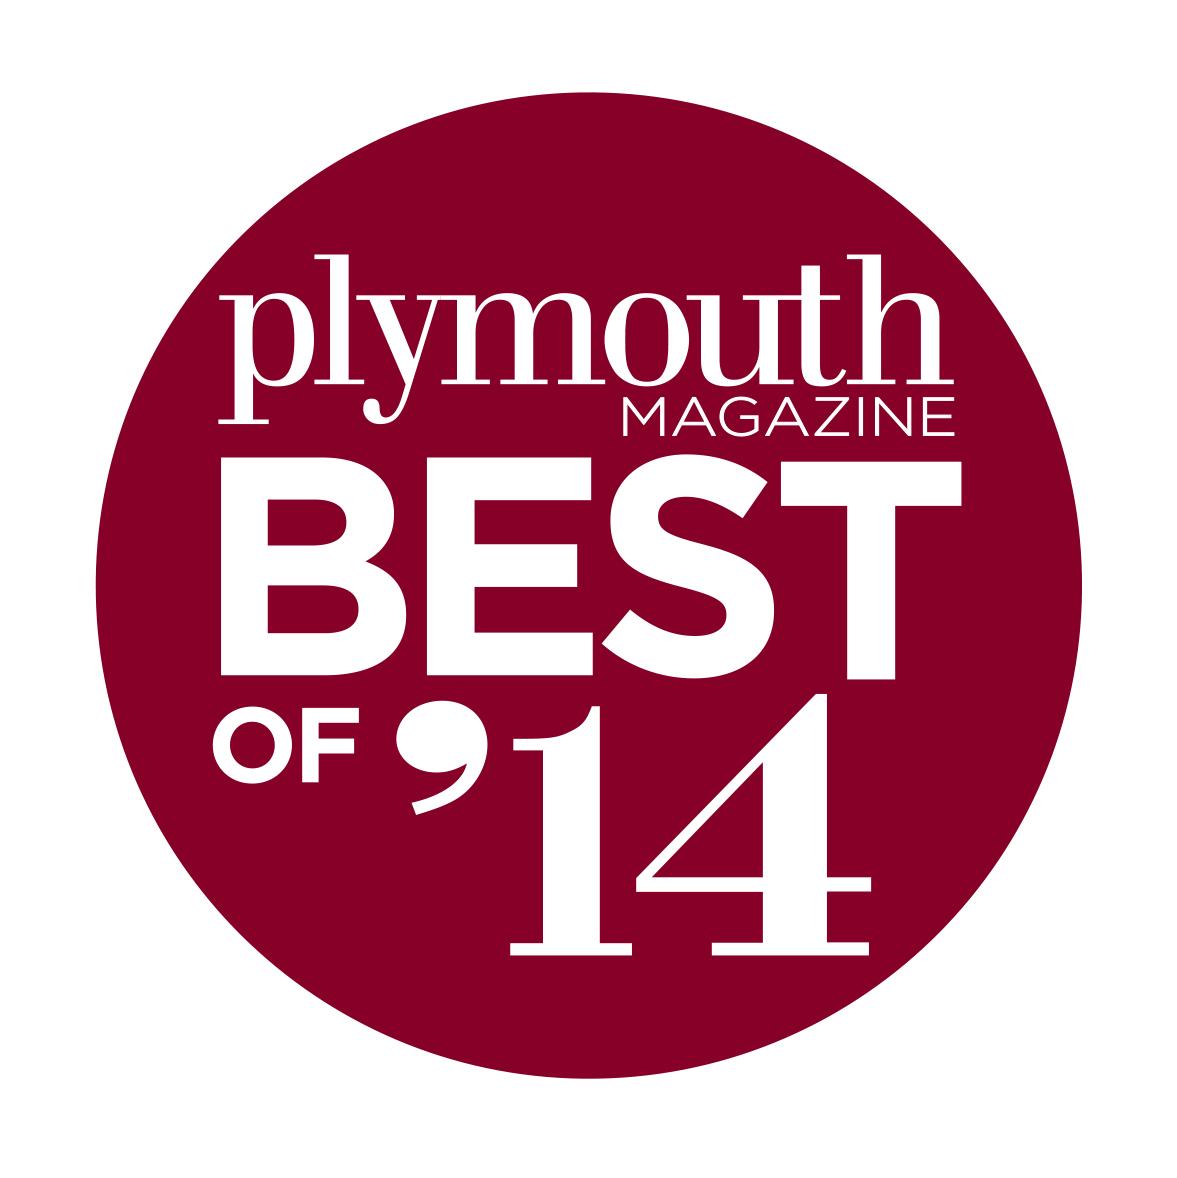 plybestof14-logo-burgandy-print-2-.jpg